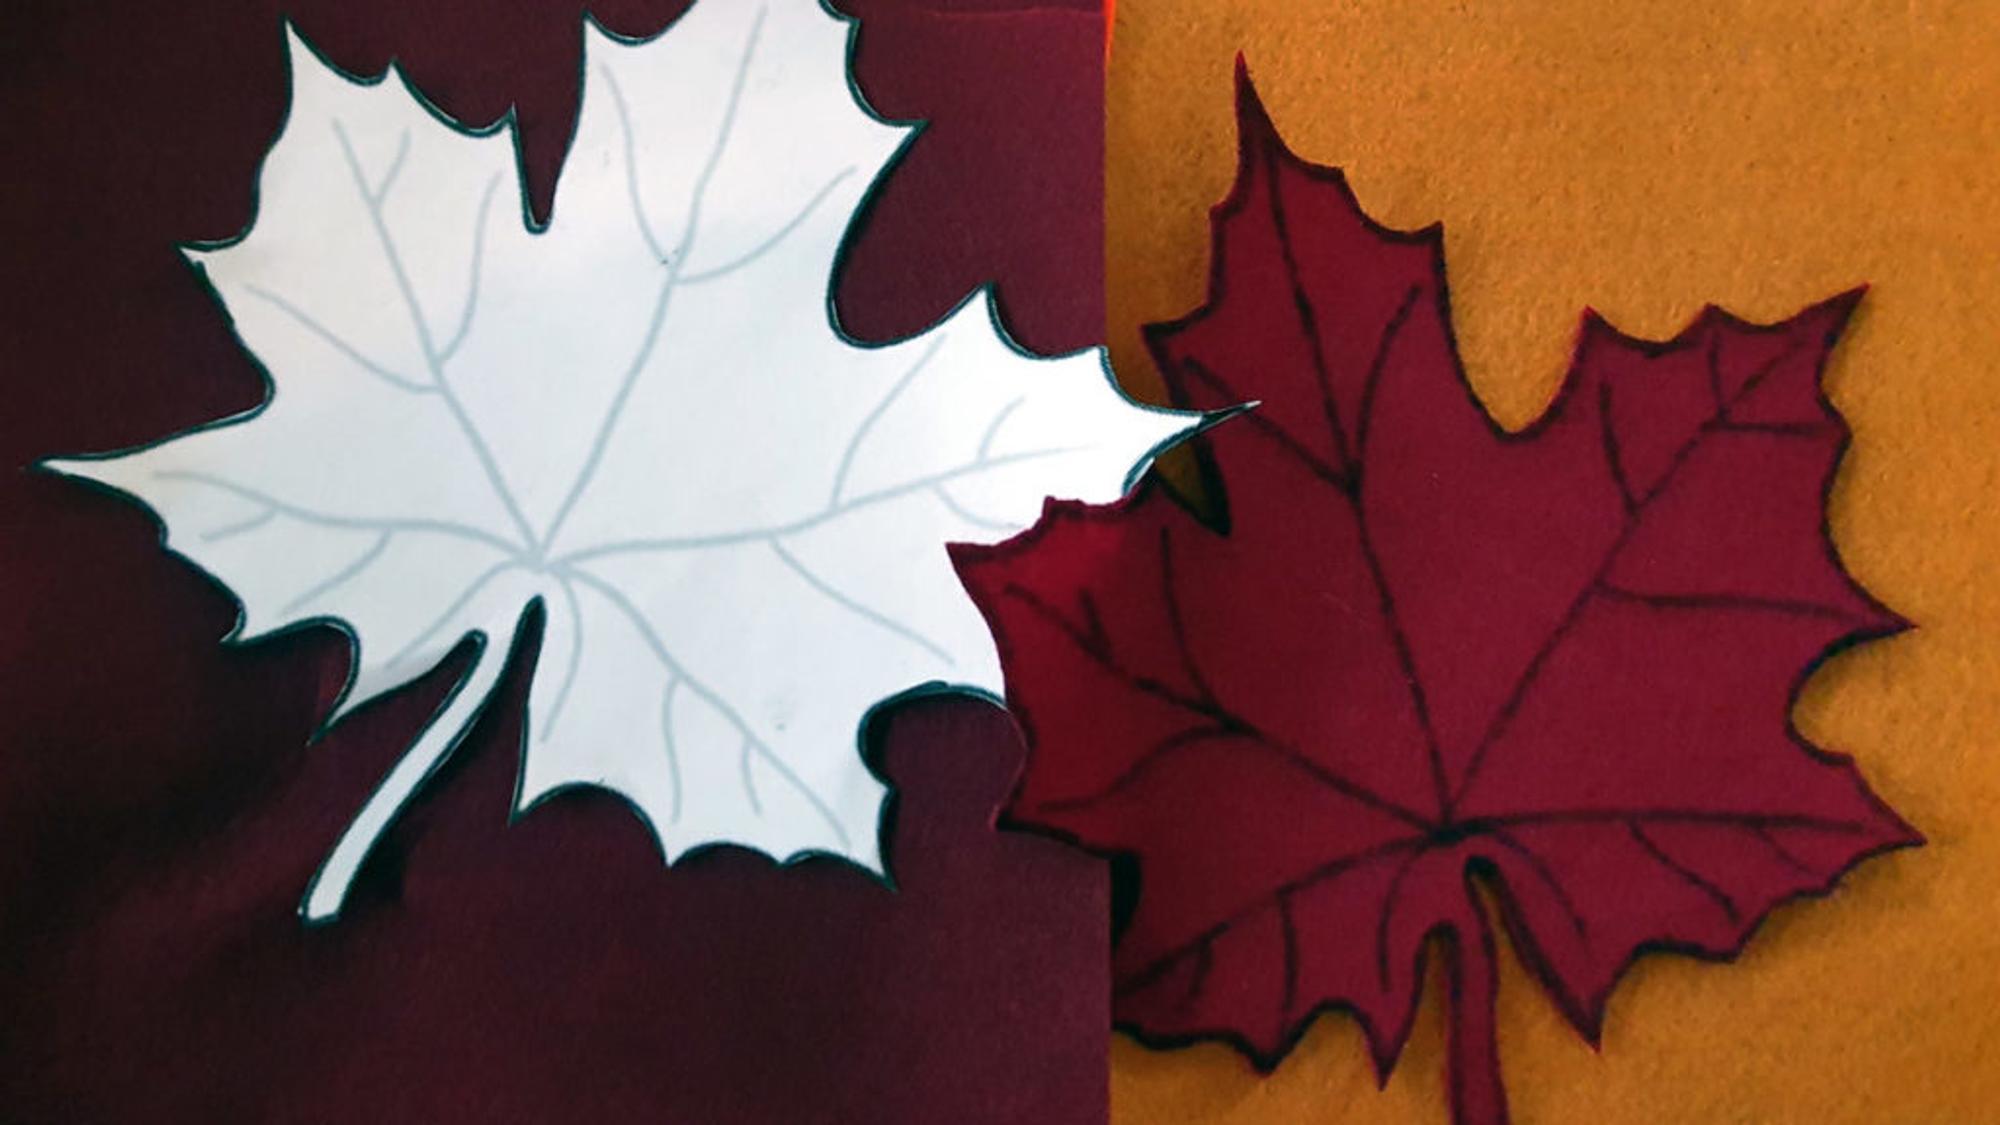 Herbstdeko basteln: Vorlage ausschneiden